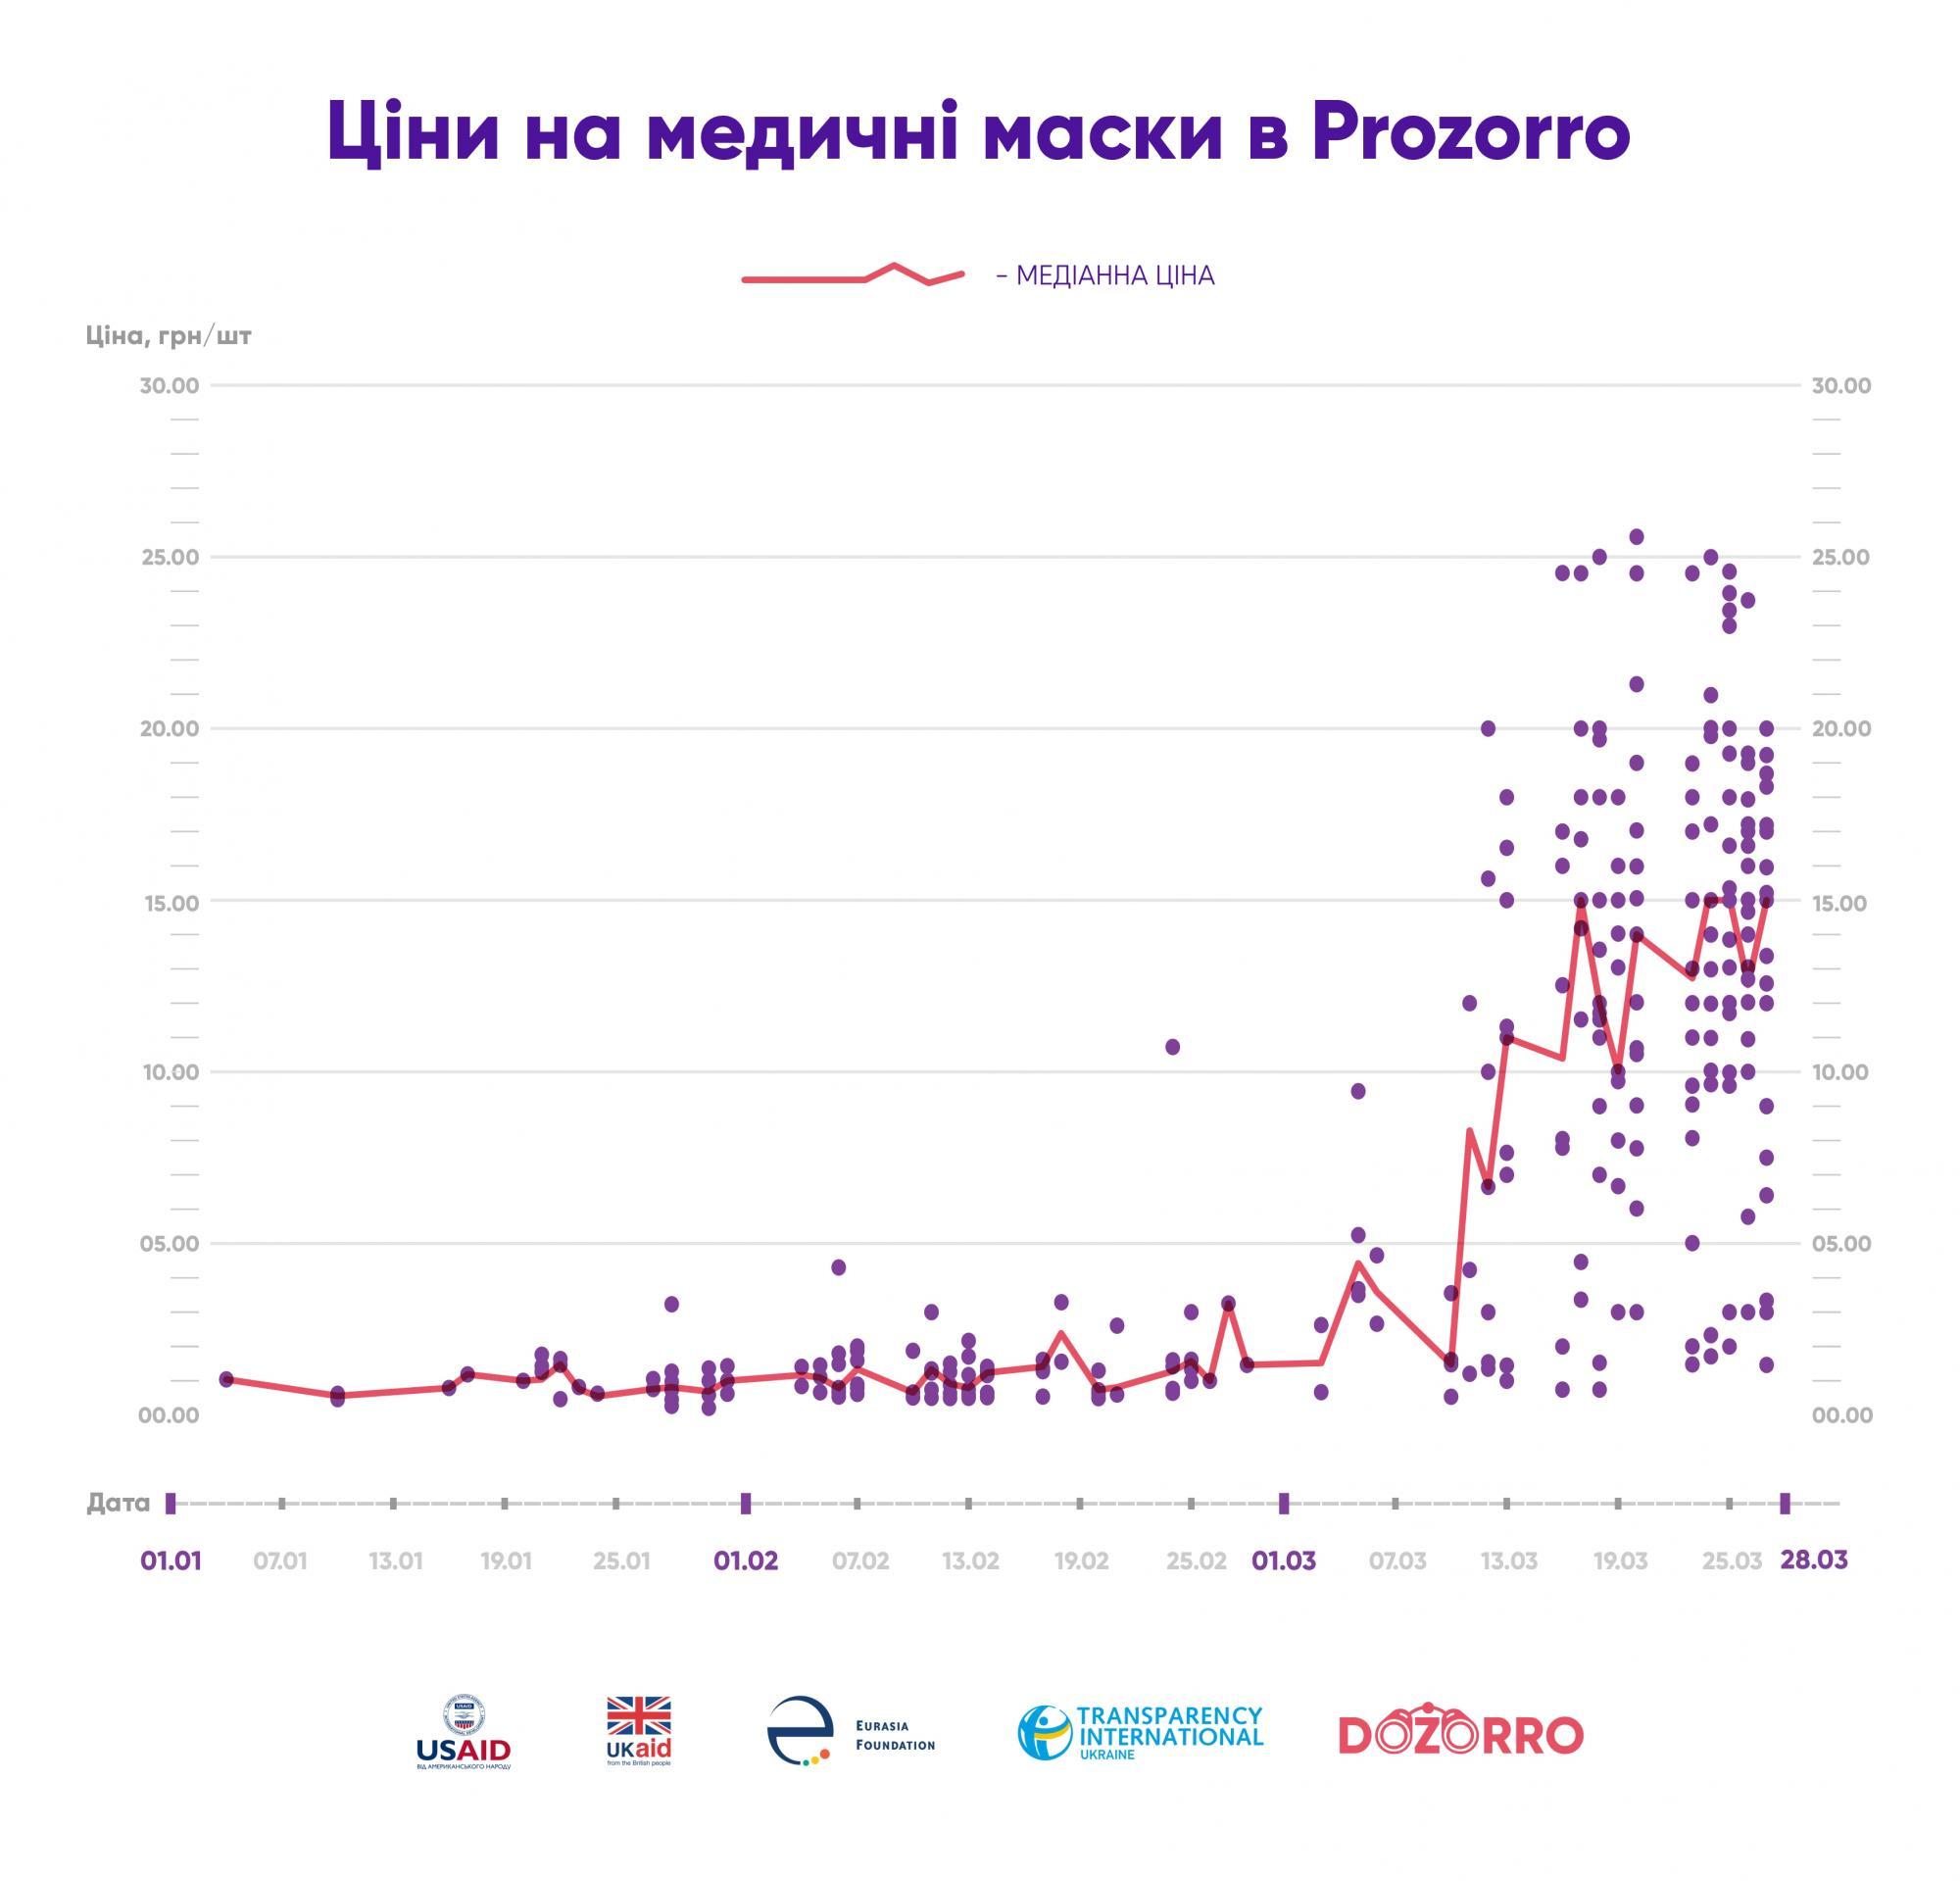 У березні на ProZorro ціни на медичні маски зросли вдесятеро